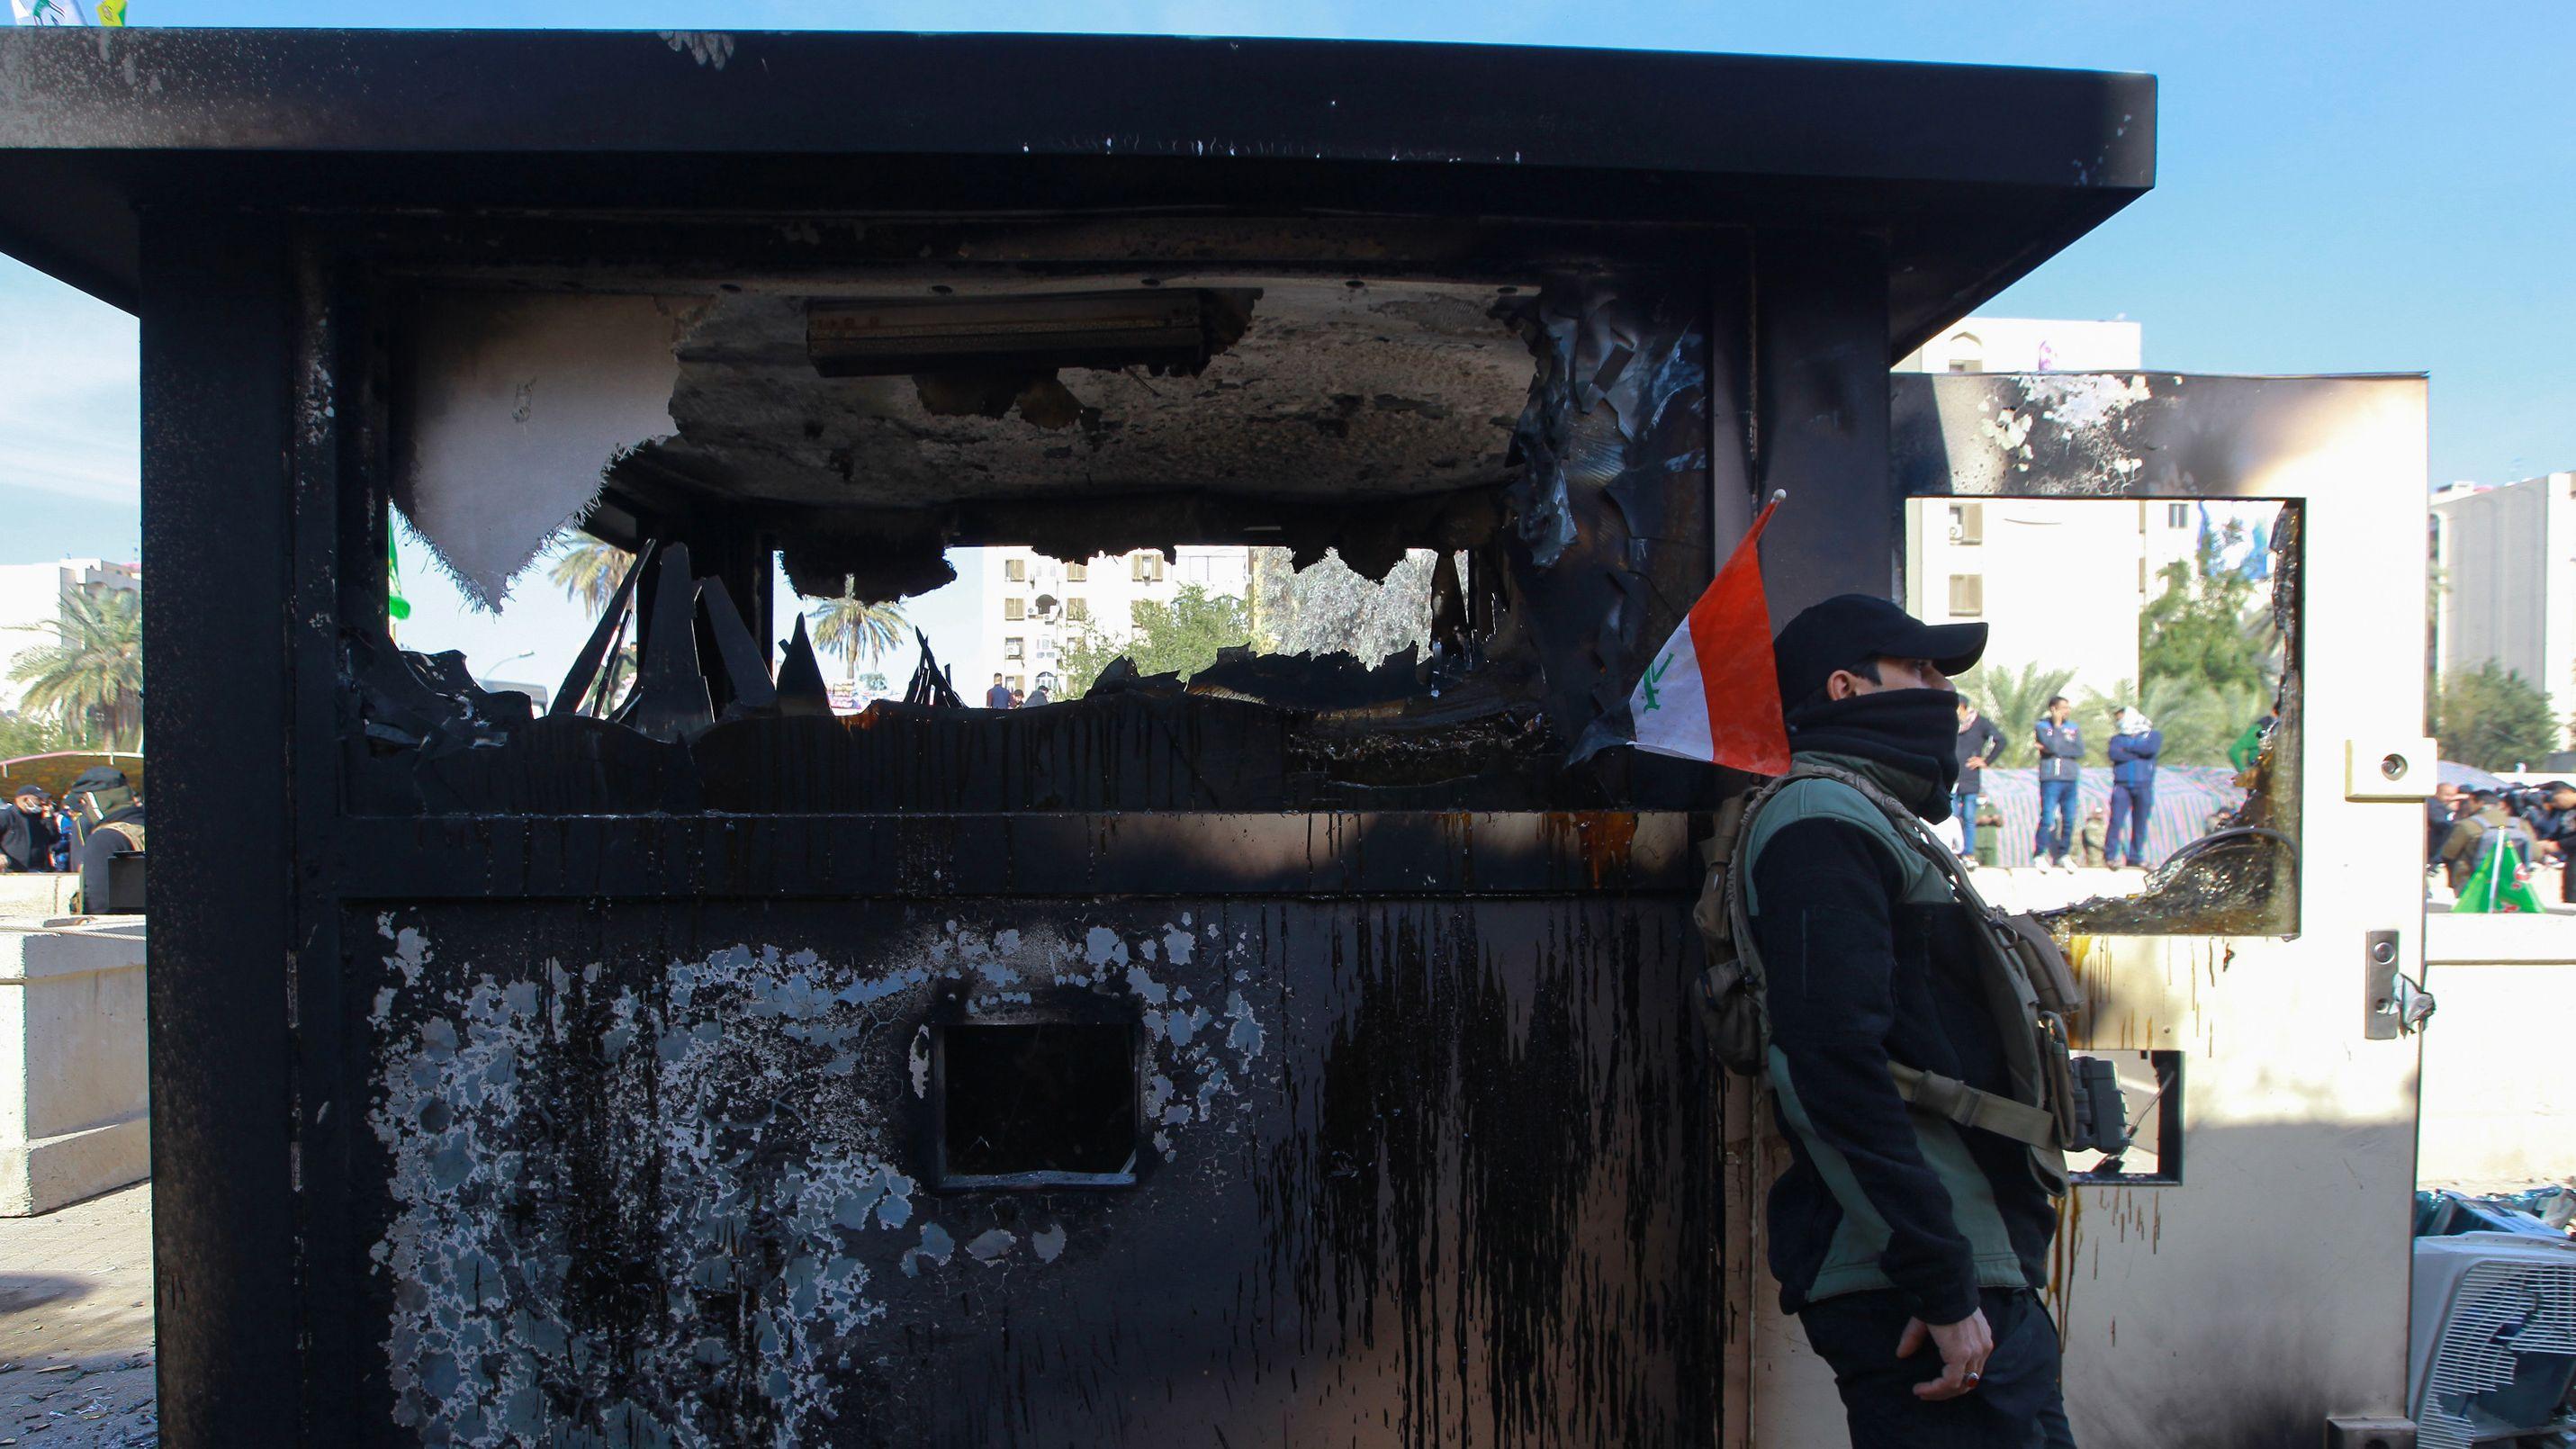 Ein Protestler steht vor einem abgebrannten Wachhäuschen auf dem Gelände vor der US-Botschaft.